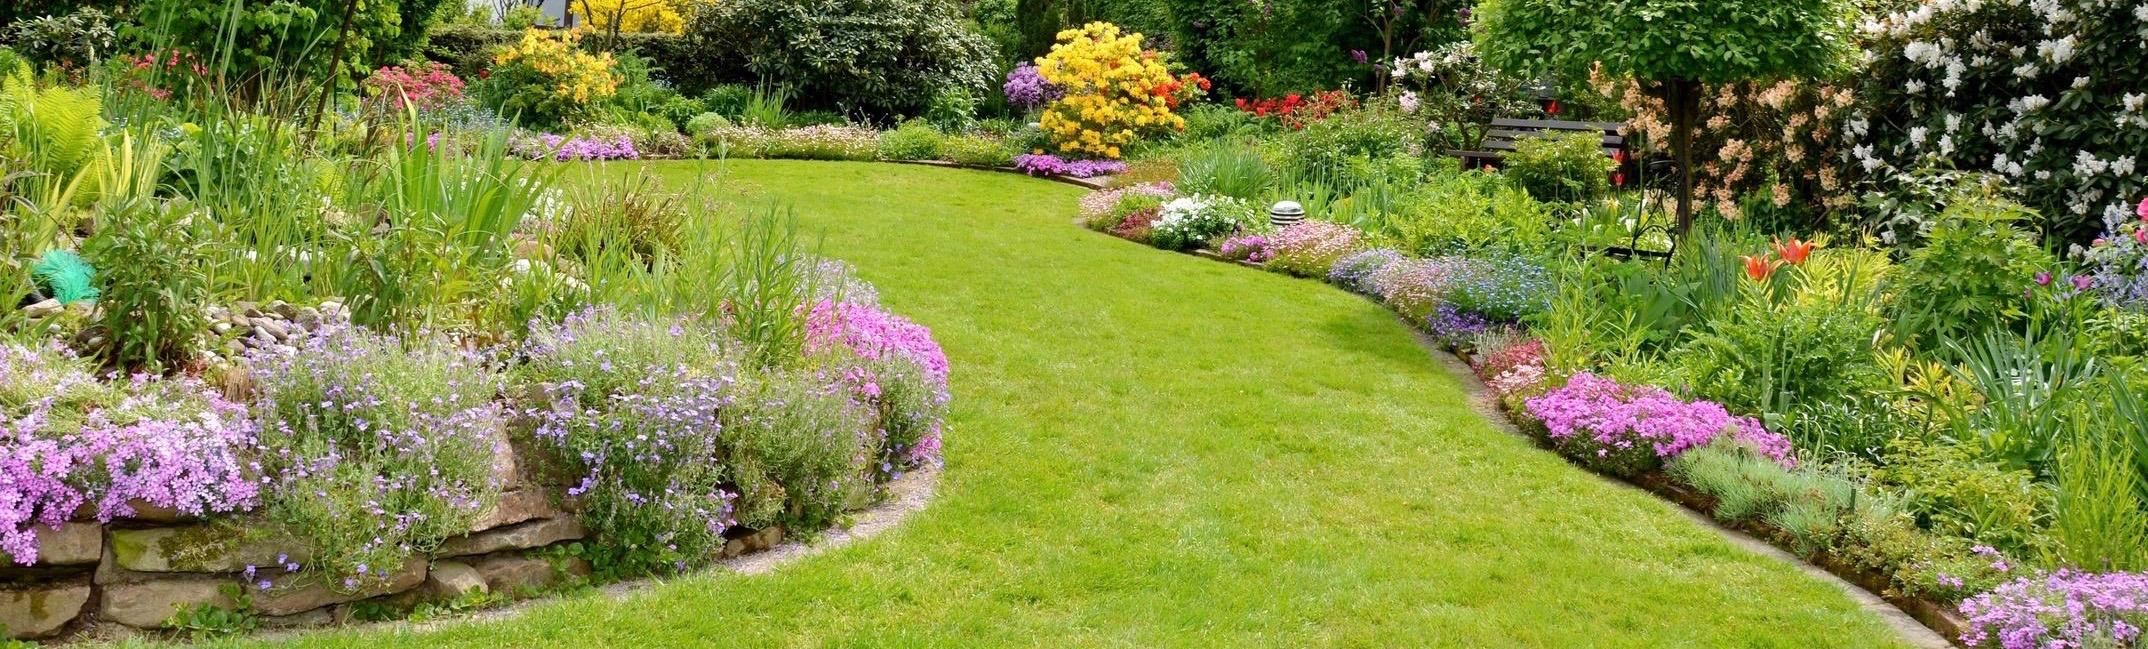 Alberi Ornamentali Da Giardino cura del verde – manutenzione giardini, potatura piante e